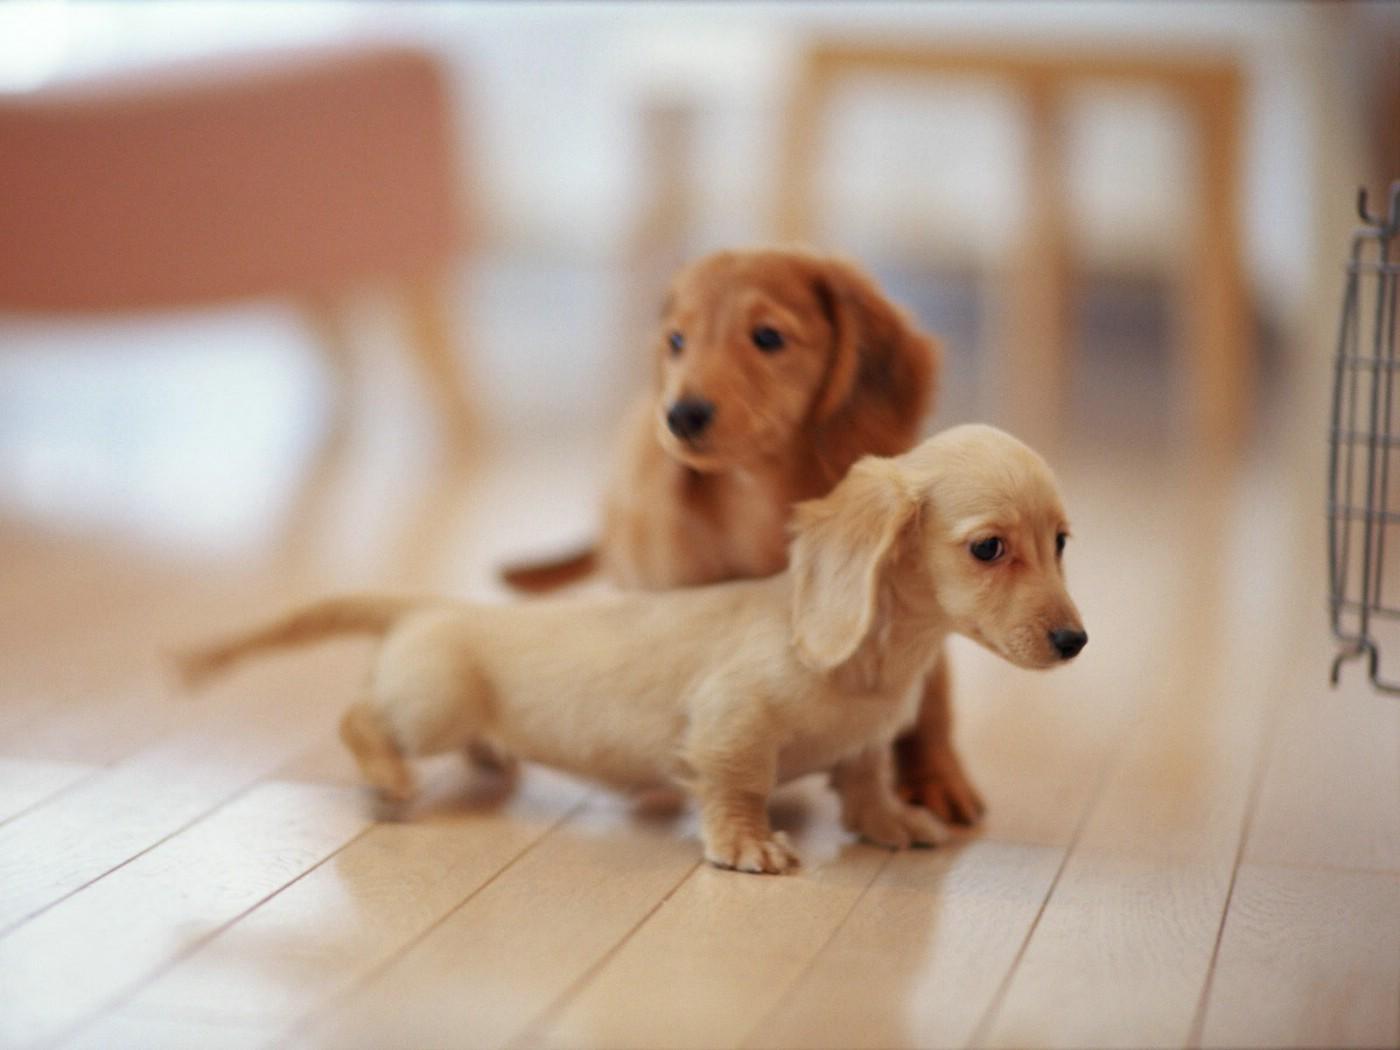 明星图片壁纸 宠物狗狗图鉴迷你腊肠犬壁纸第二集壁纸图片动物壁纸